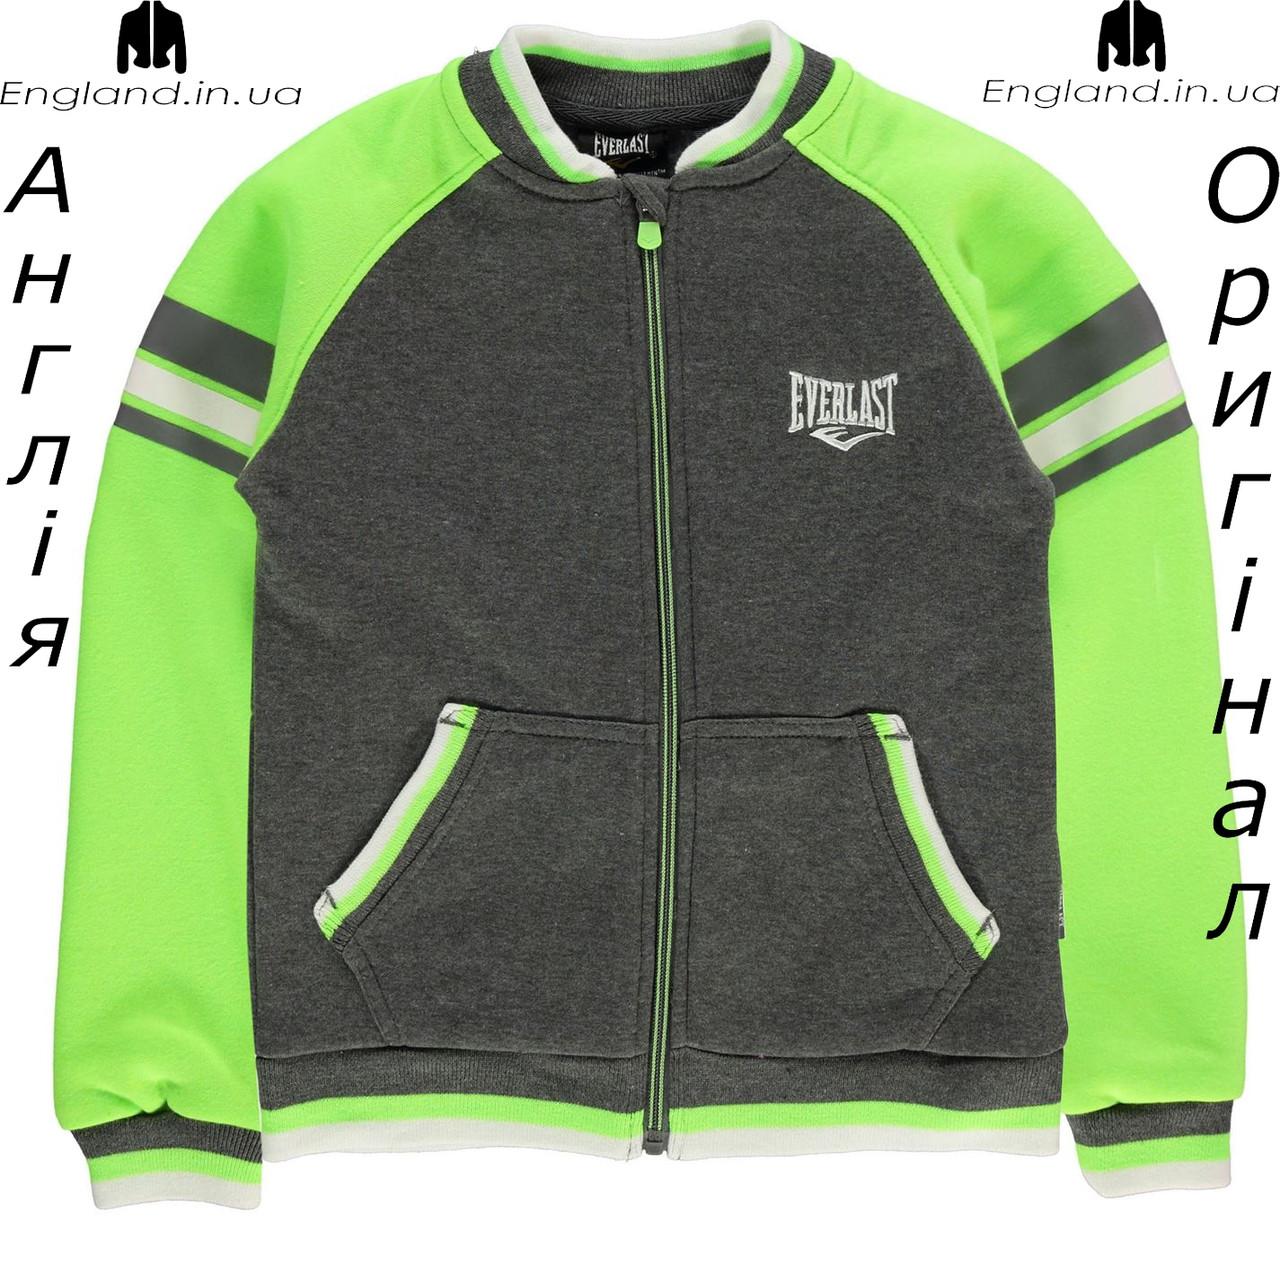 Куртка Everlast из Англии для мальчиков 2-14 лет - коричневая